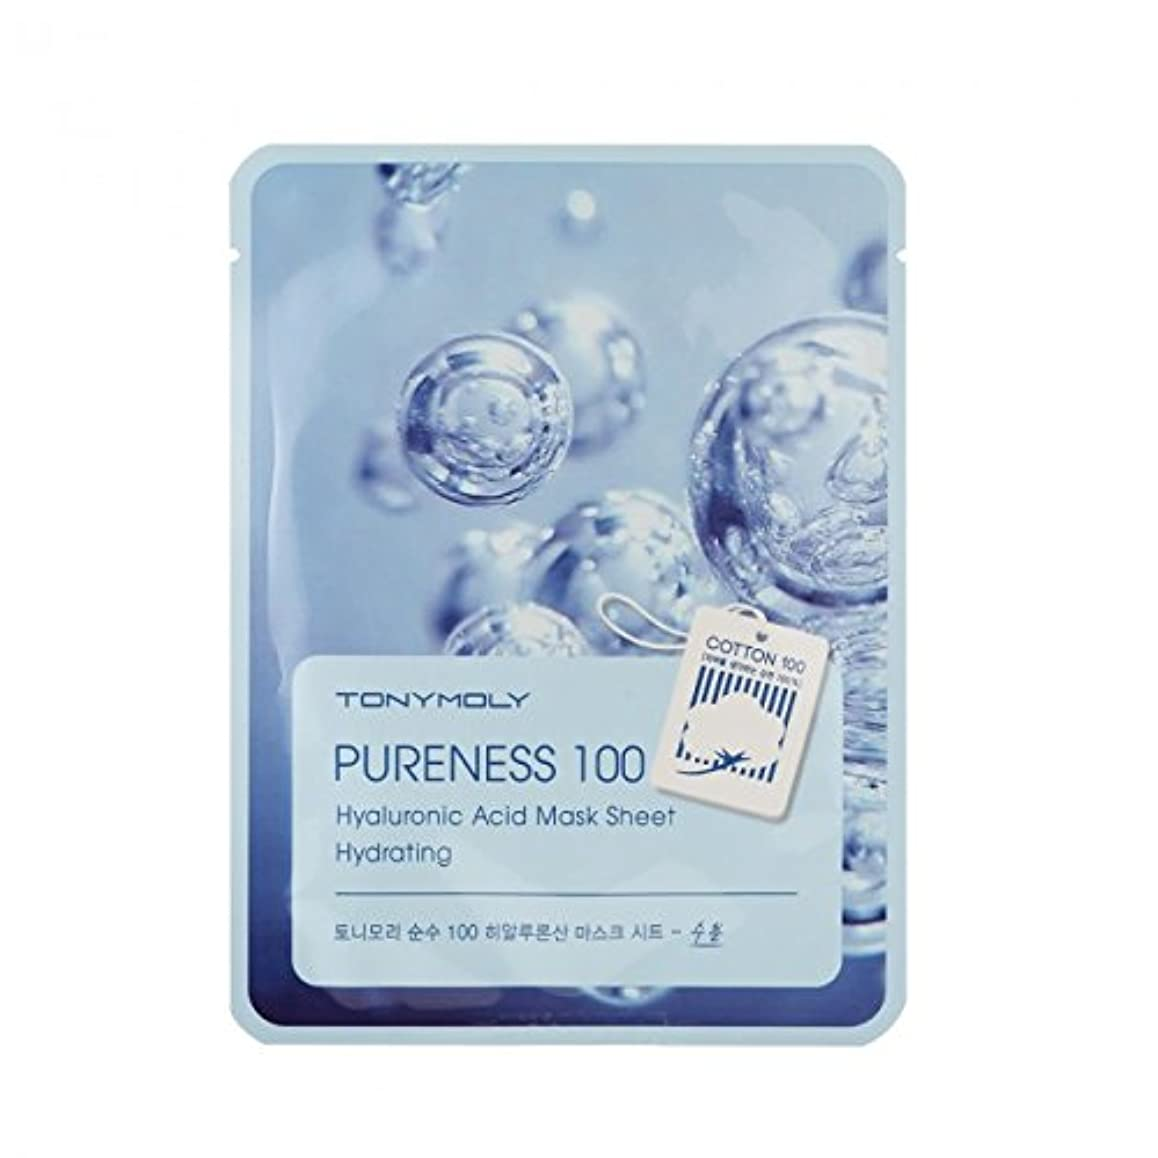 羨望テロ仮称(3 Pack) TONYMOLY Pureness 100 Hyaluronic Acid Mask Sheet Hydrating (並行輸入品)